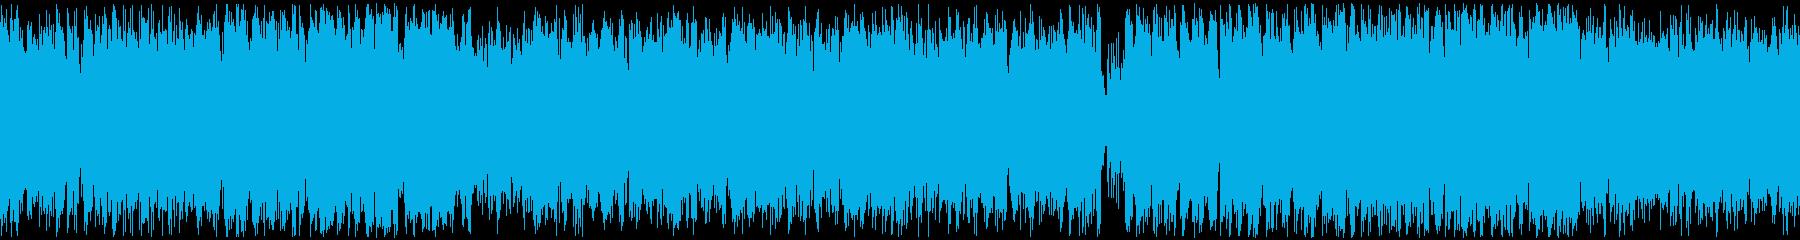 笛をリードに置いた民族系RPG曲の再生済みの波形